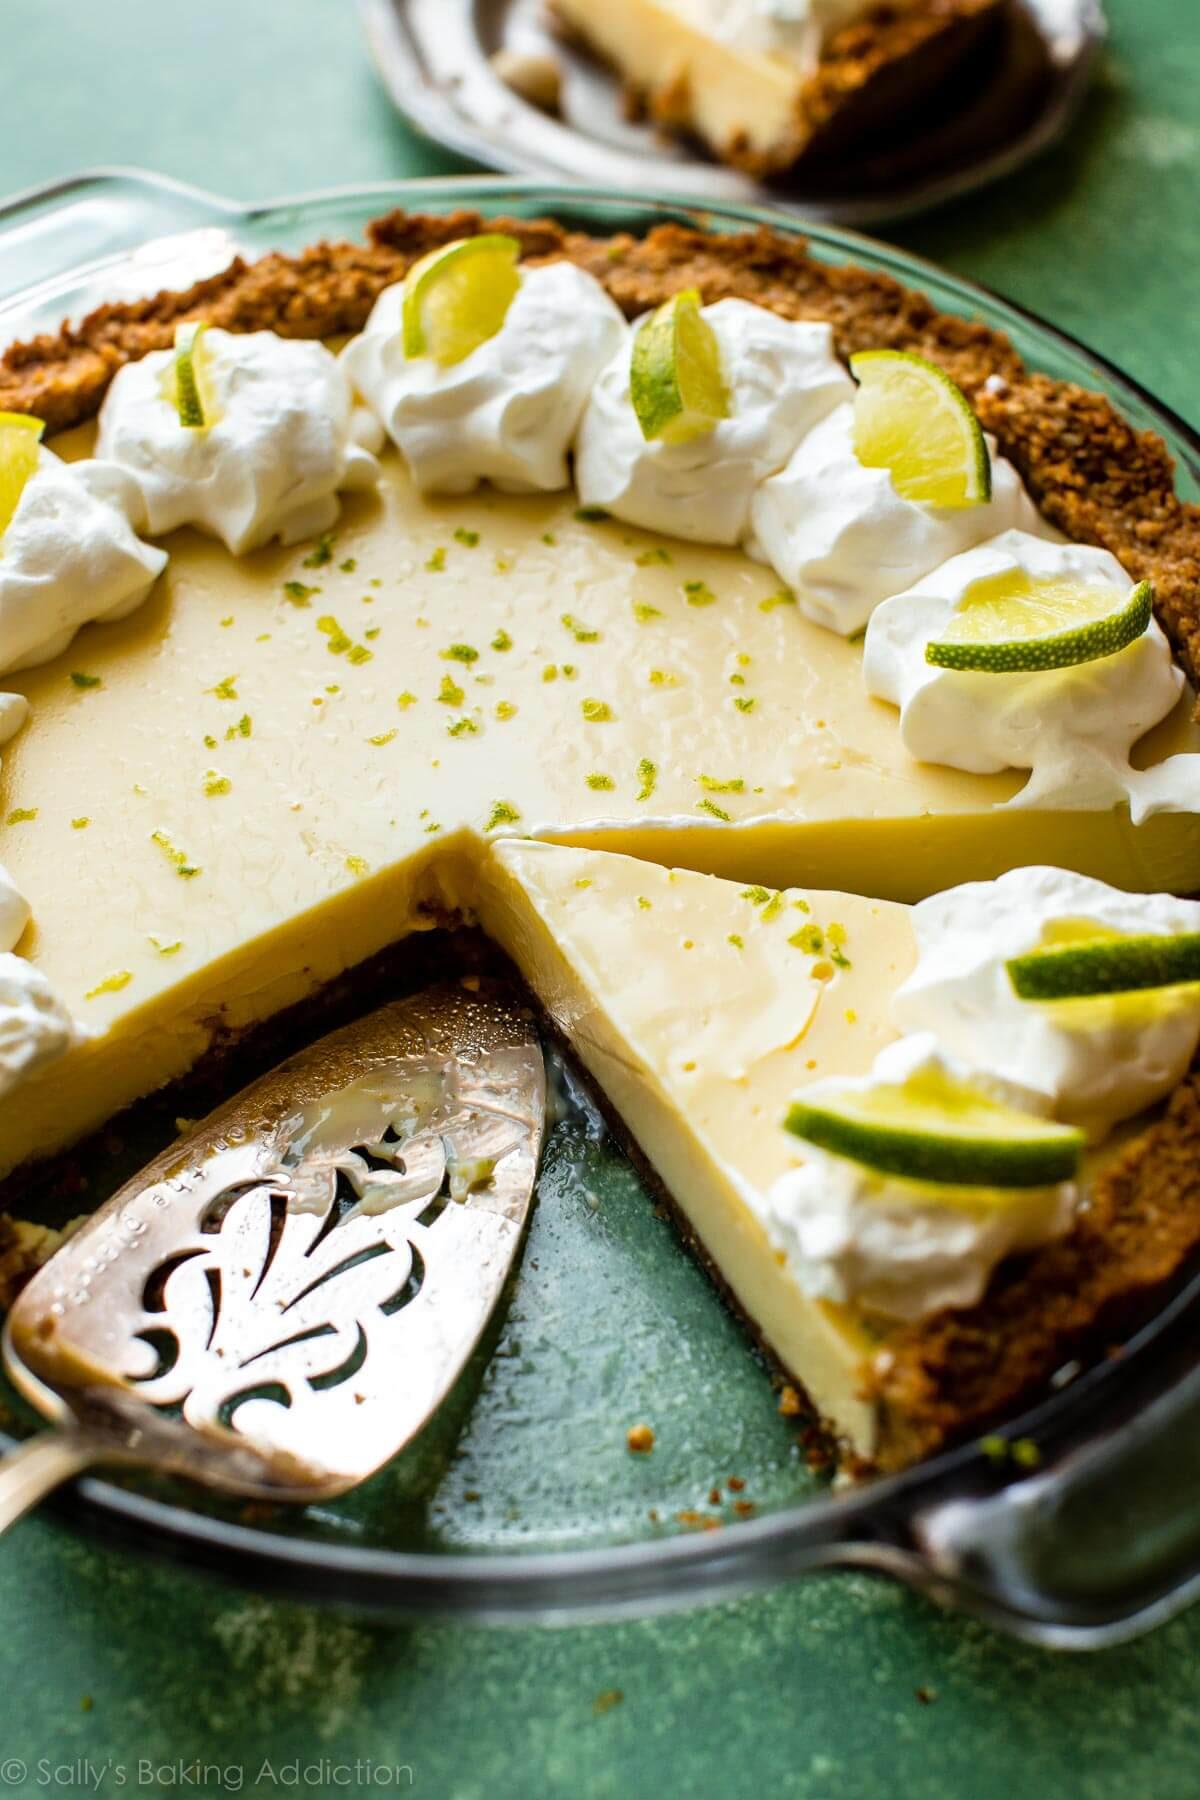 Best Key Lime Pie Recipe  Key Lime Pie with Macadamia Nut Crust Sallys Baking